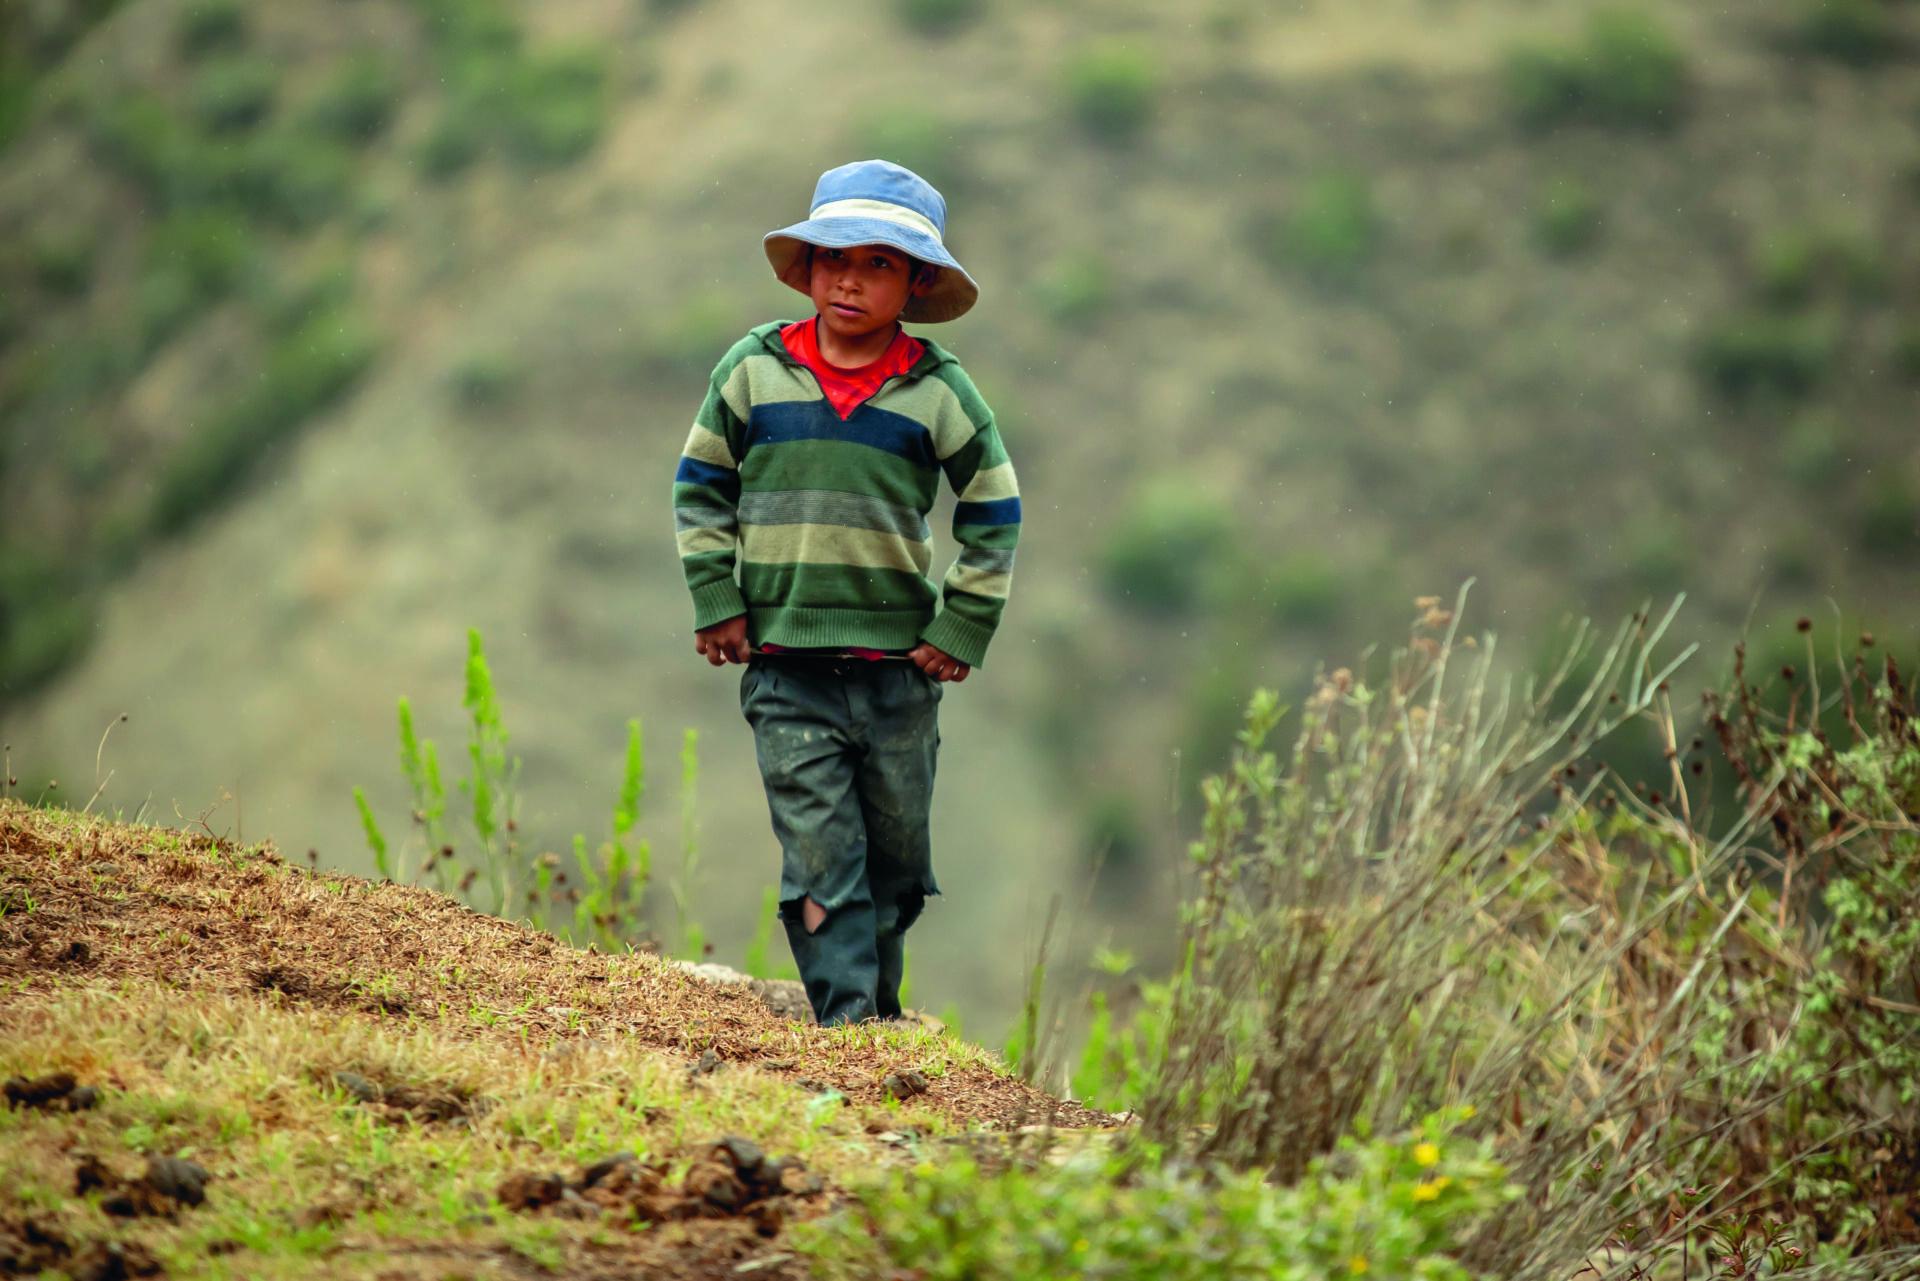 Poika Perun Andeilla koulumatkalla